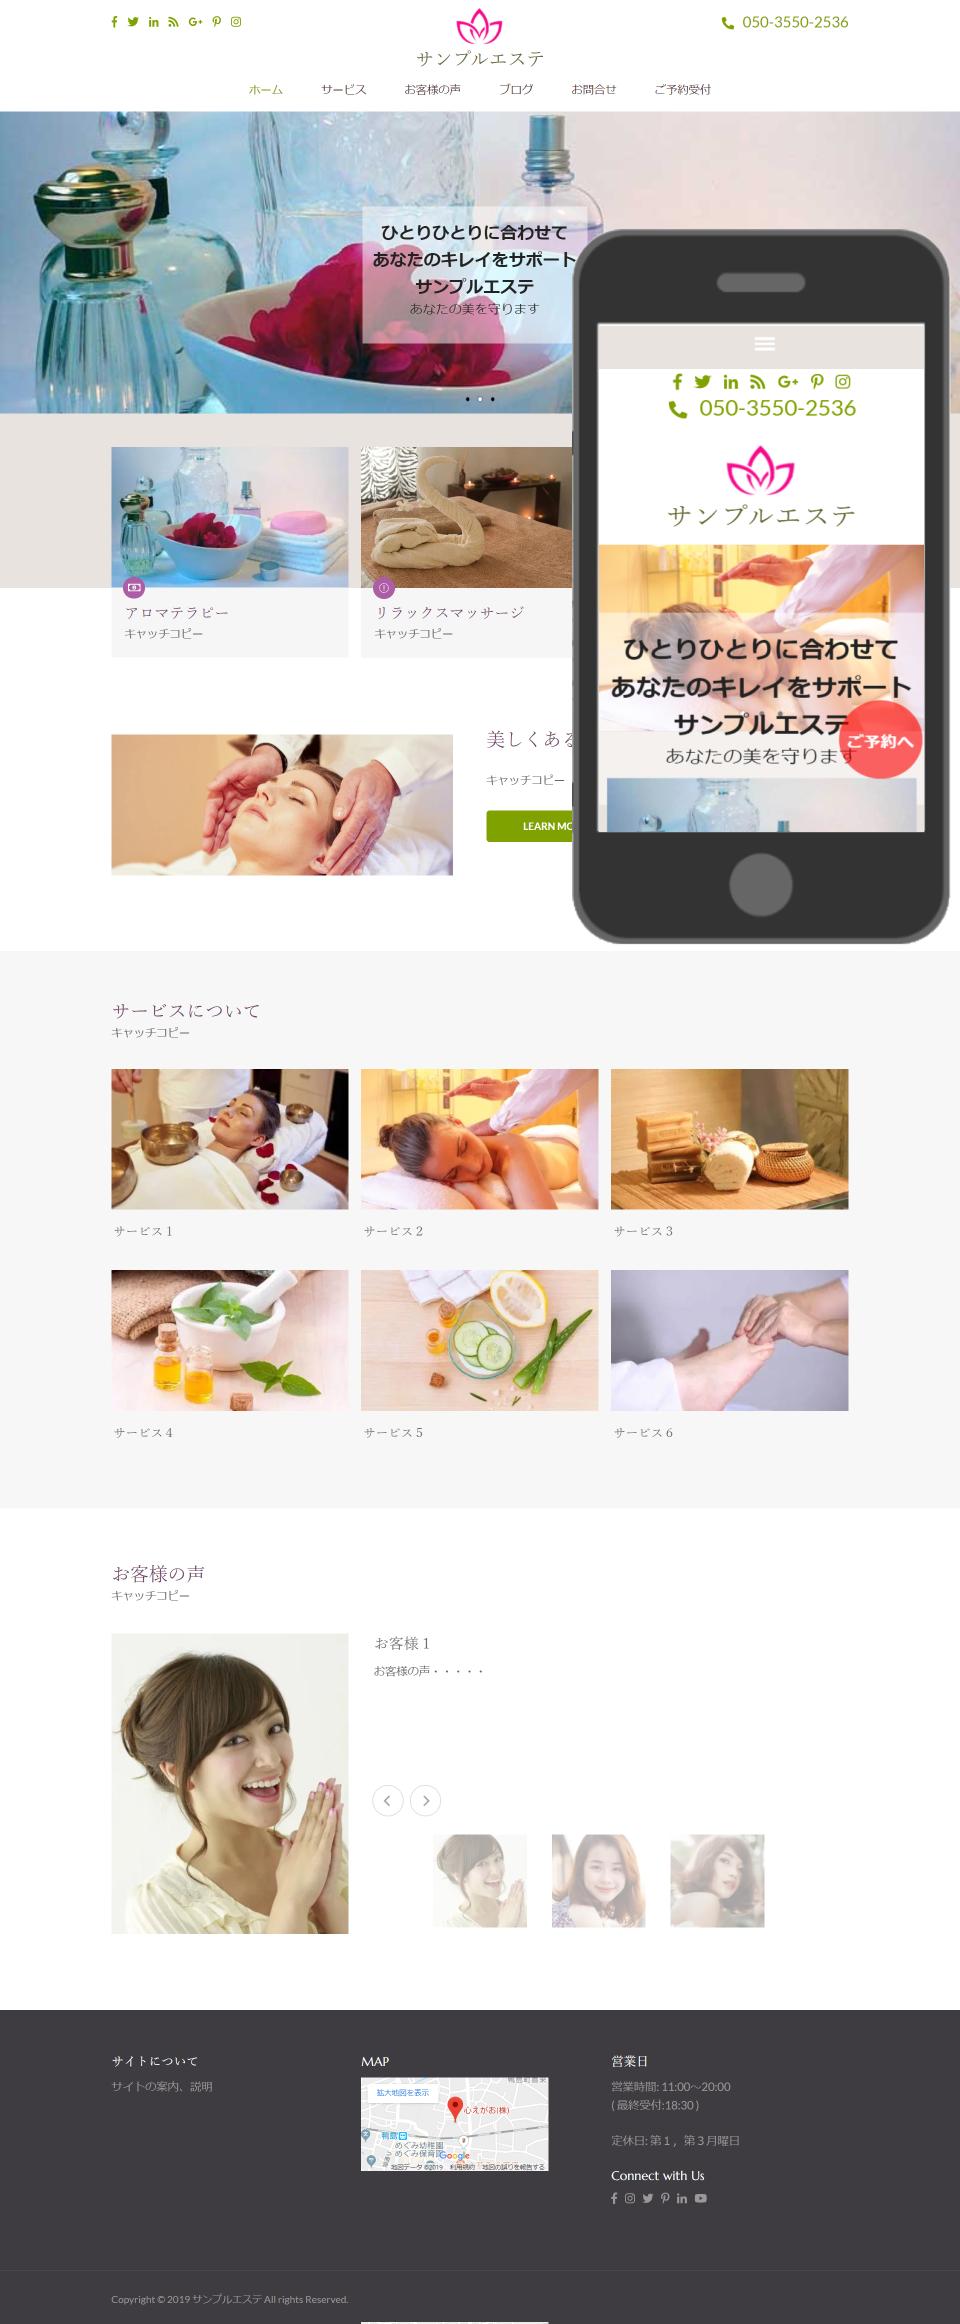 徳島の格安ホームページ-サンプル-